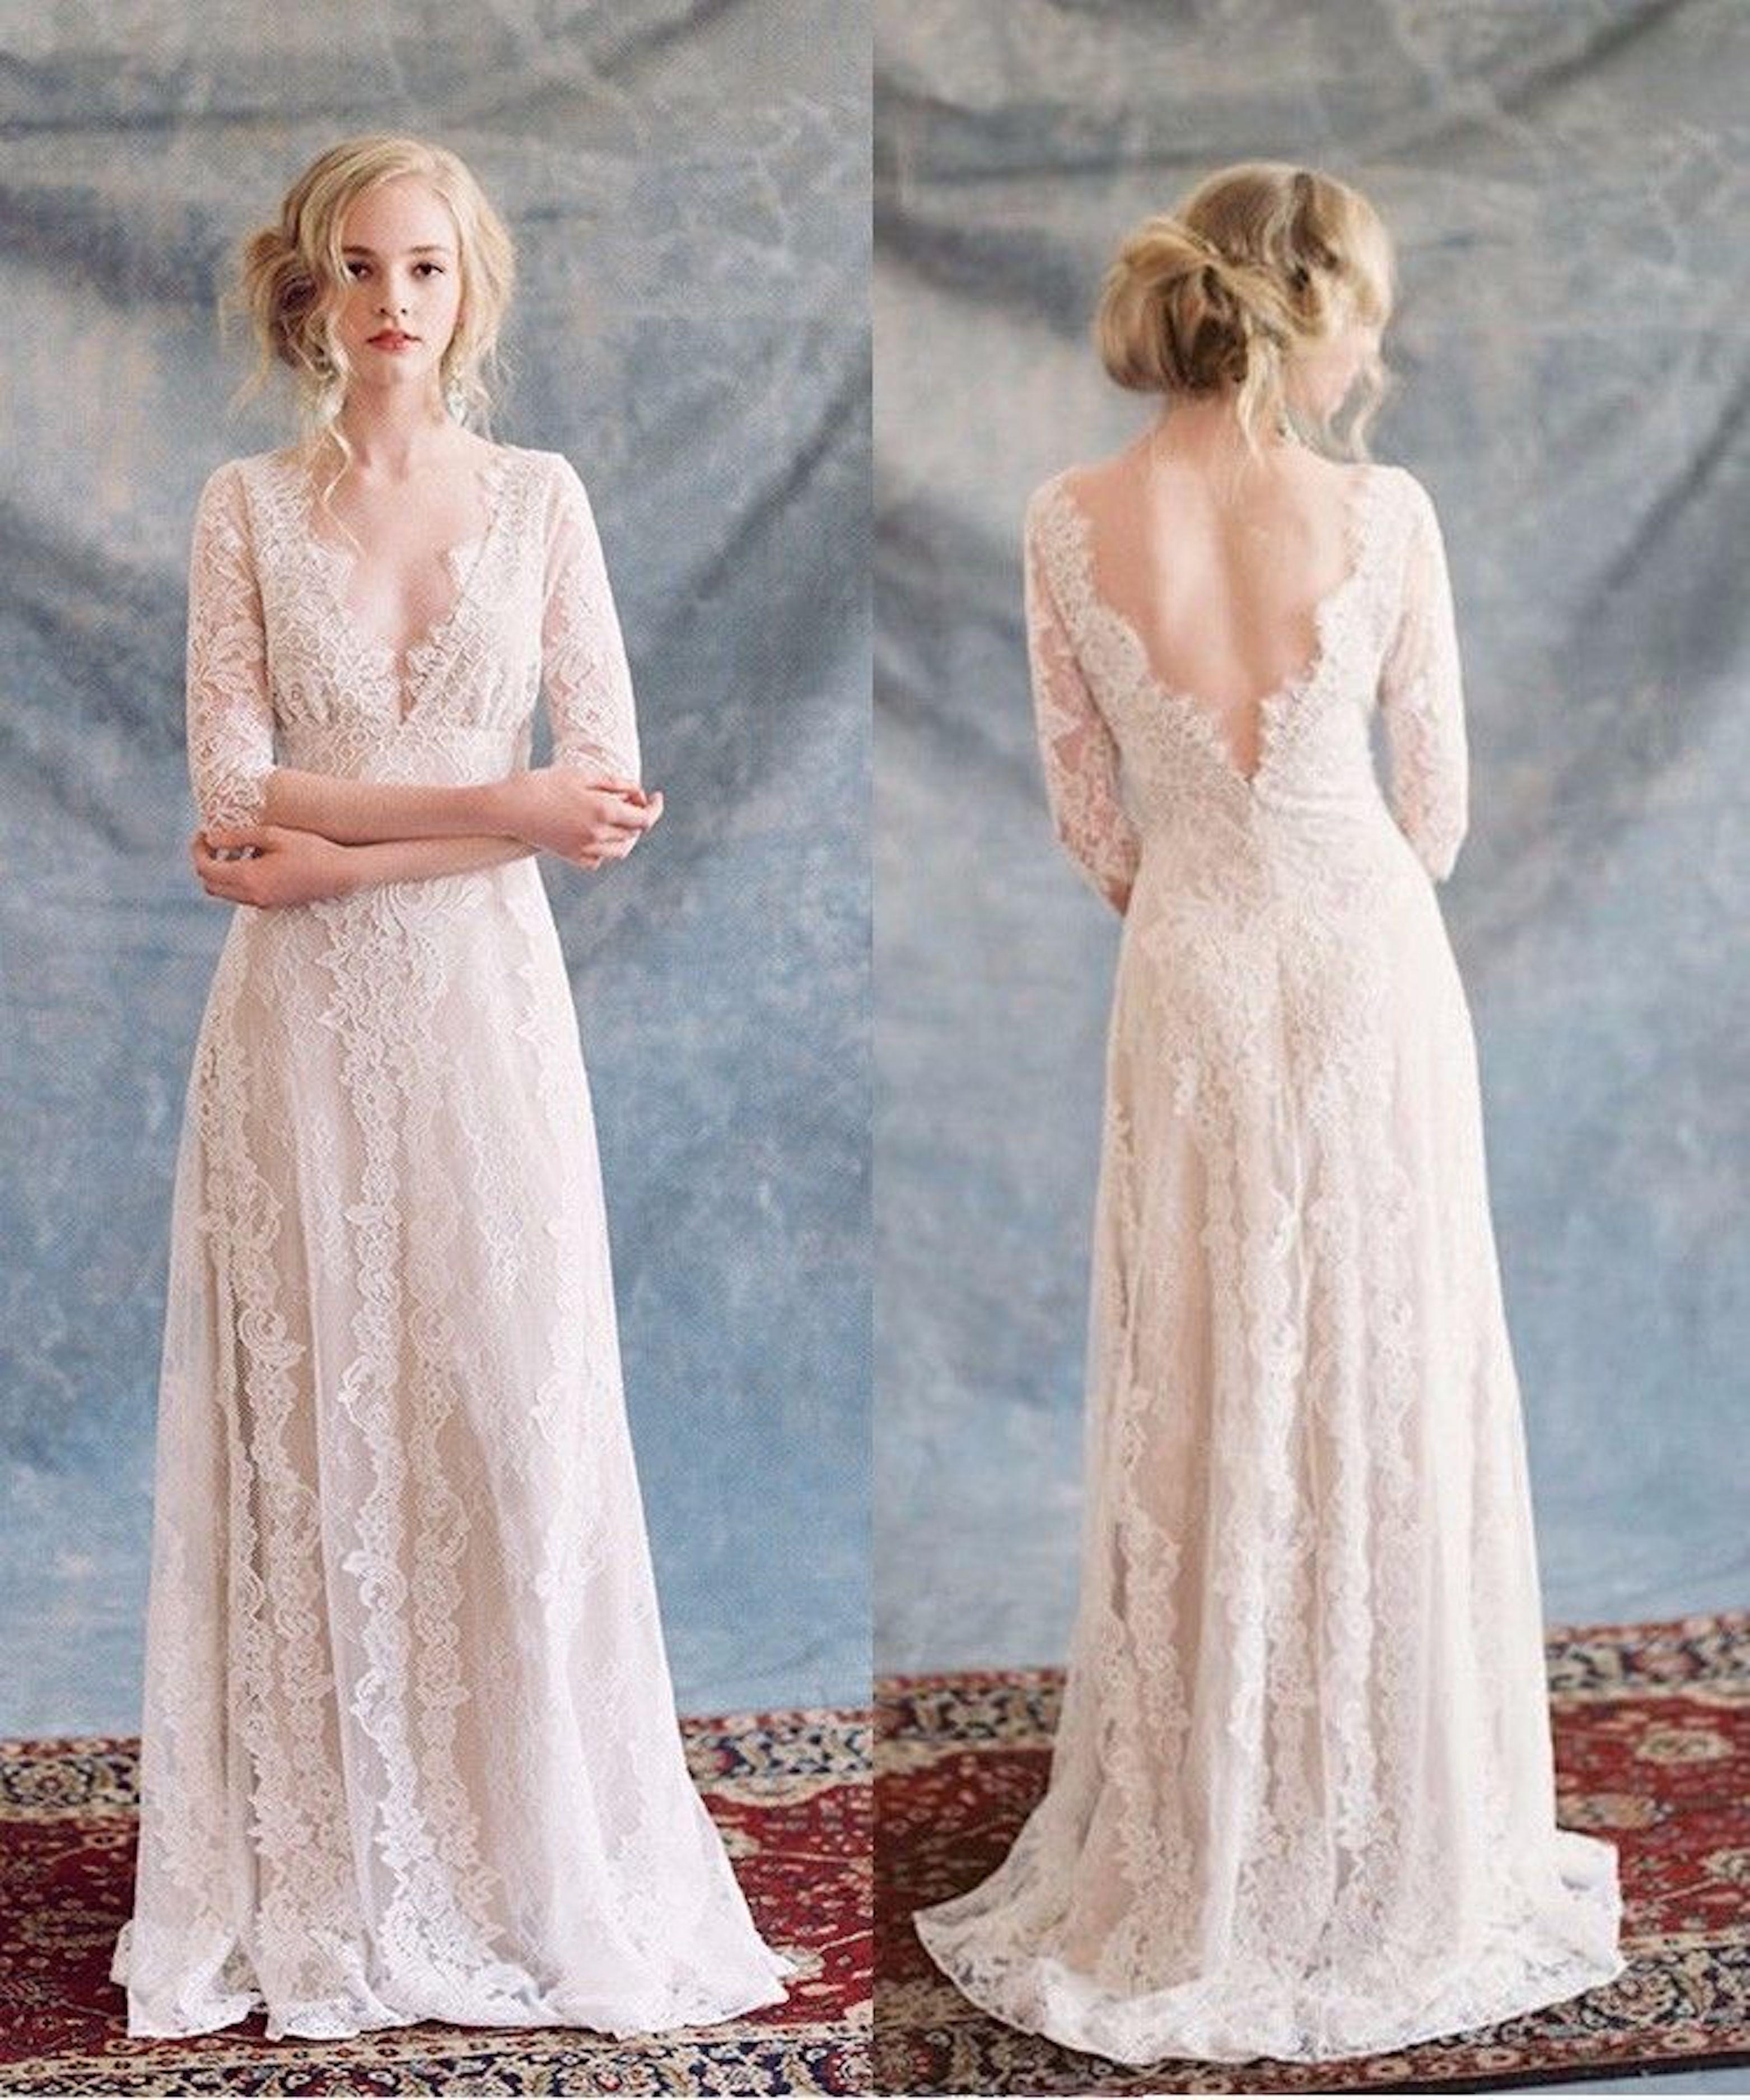 Matrimonio Country Chic Abito Sposa : Matrimonio boho chic con lo shopping online è anche low cost